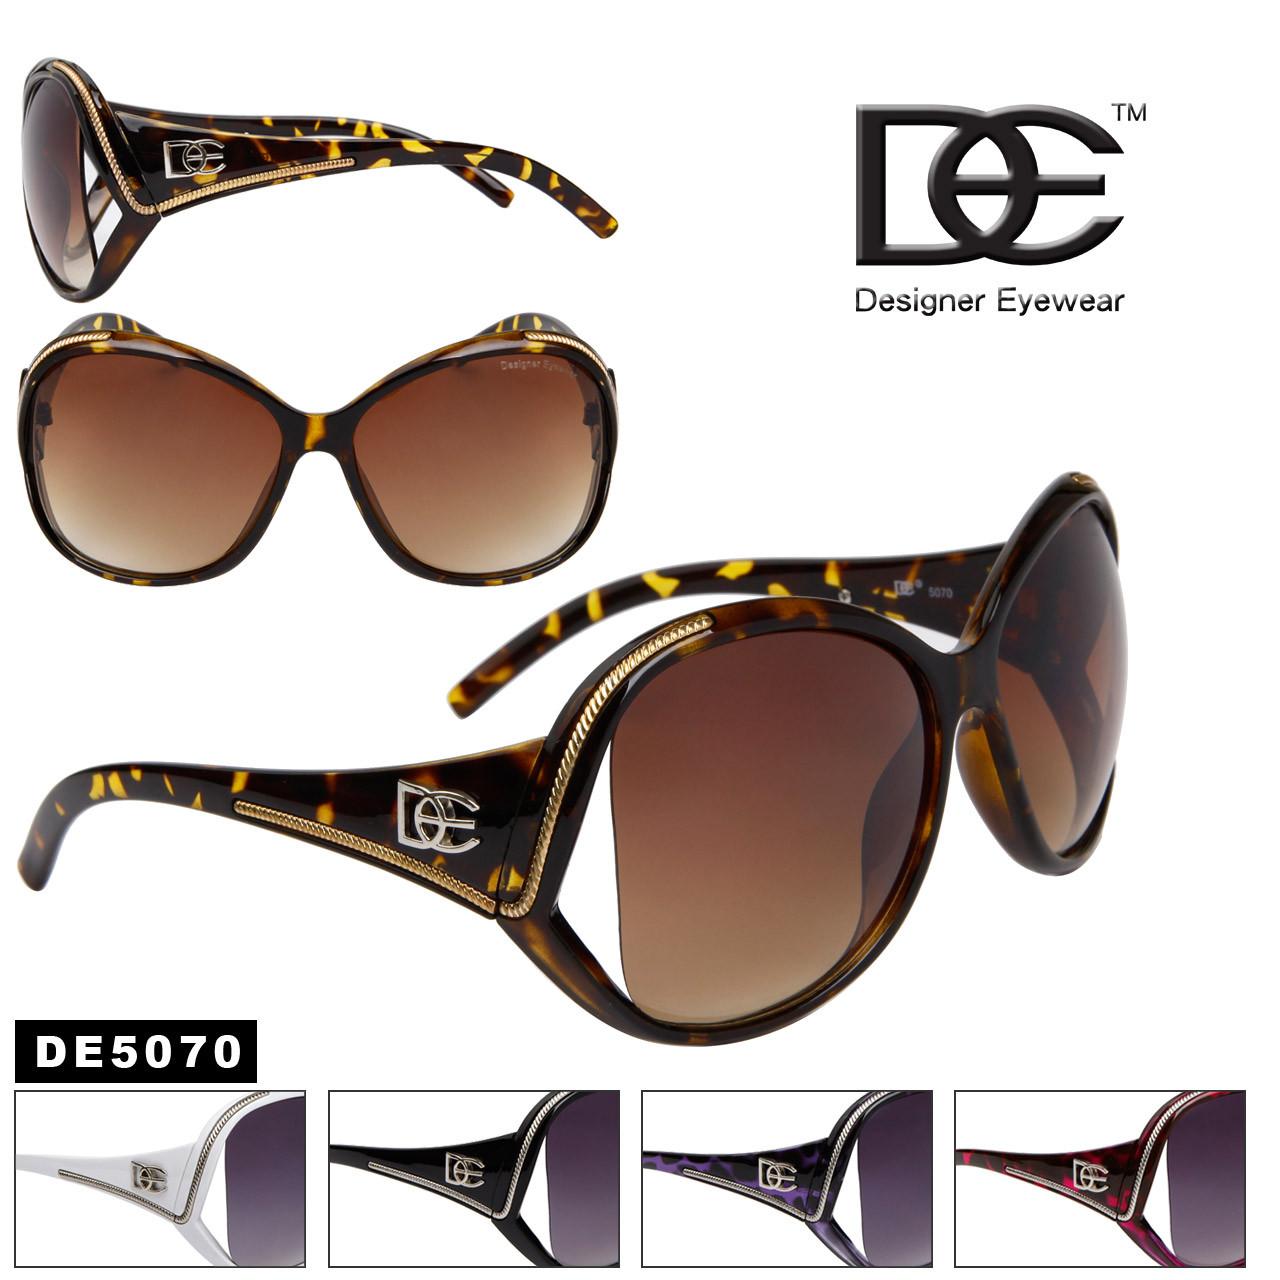 Women's Wholesale Fashion Sunglasses - Style # DE5070